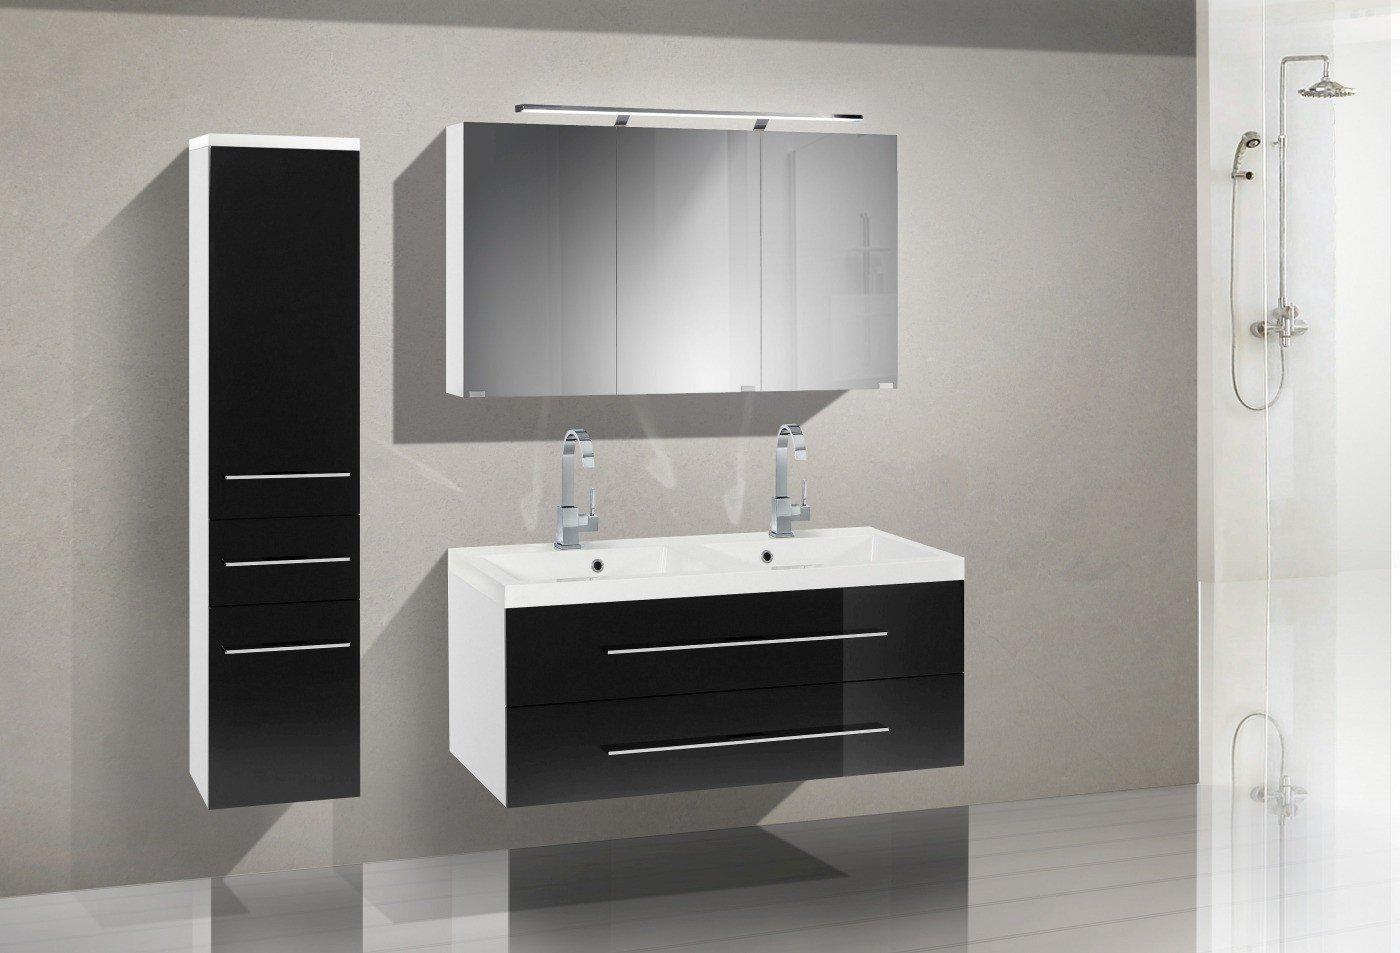 Badezimmermöbel Set mit Waschbecken und Spiegelschank 120 cm